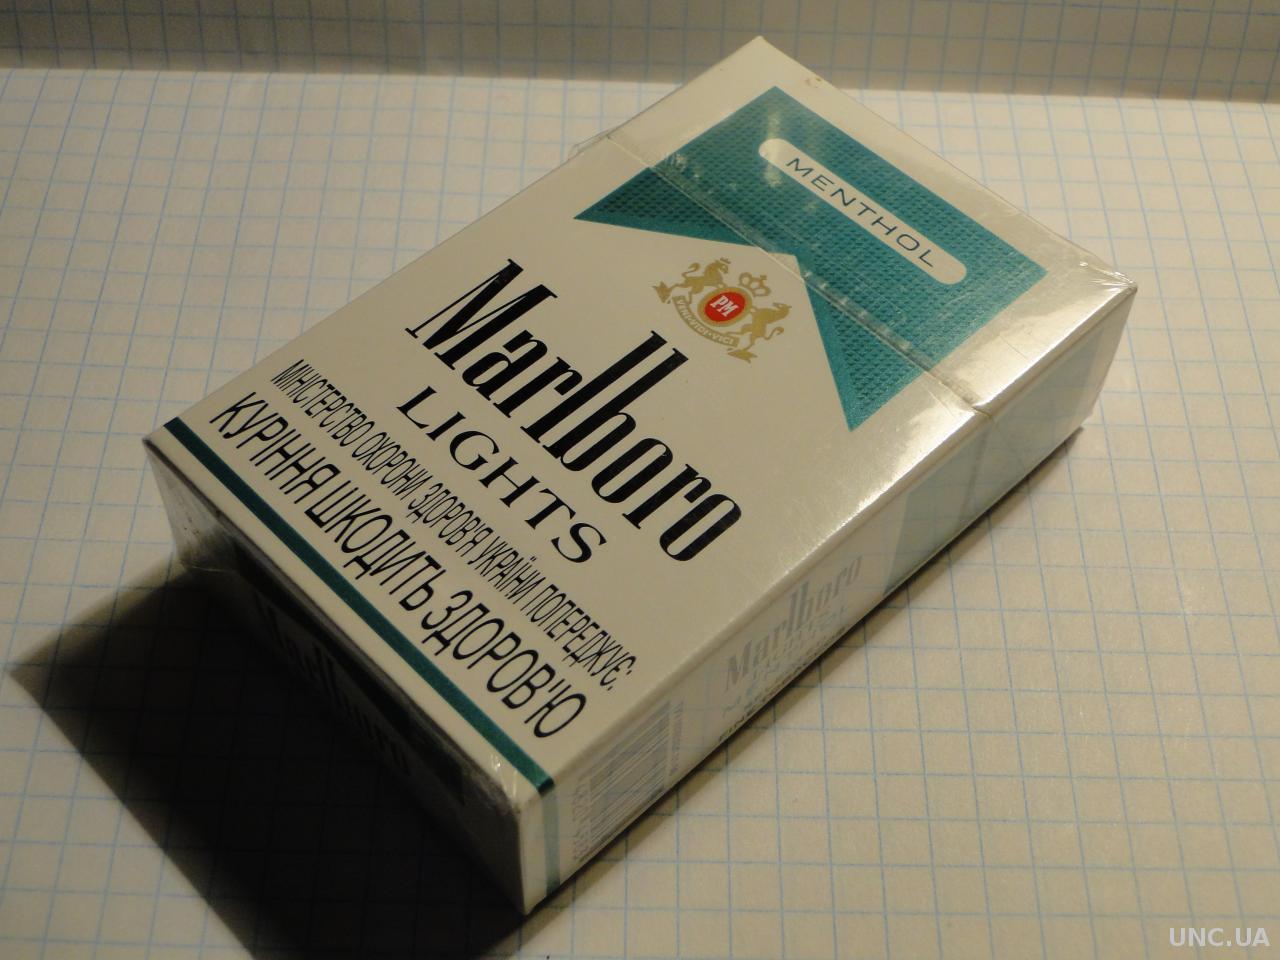 Купить сигареты мальборо ментол электронная сигарета алиэкспресс одноразовая